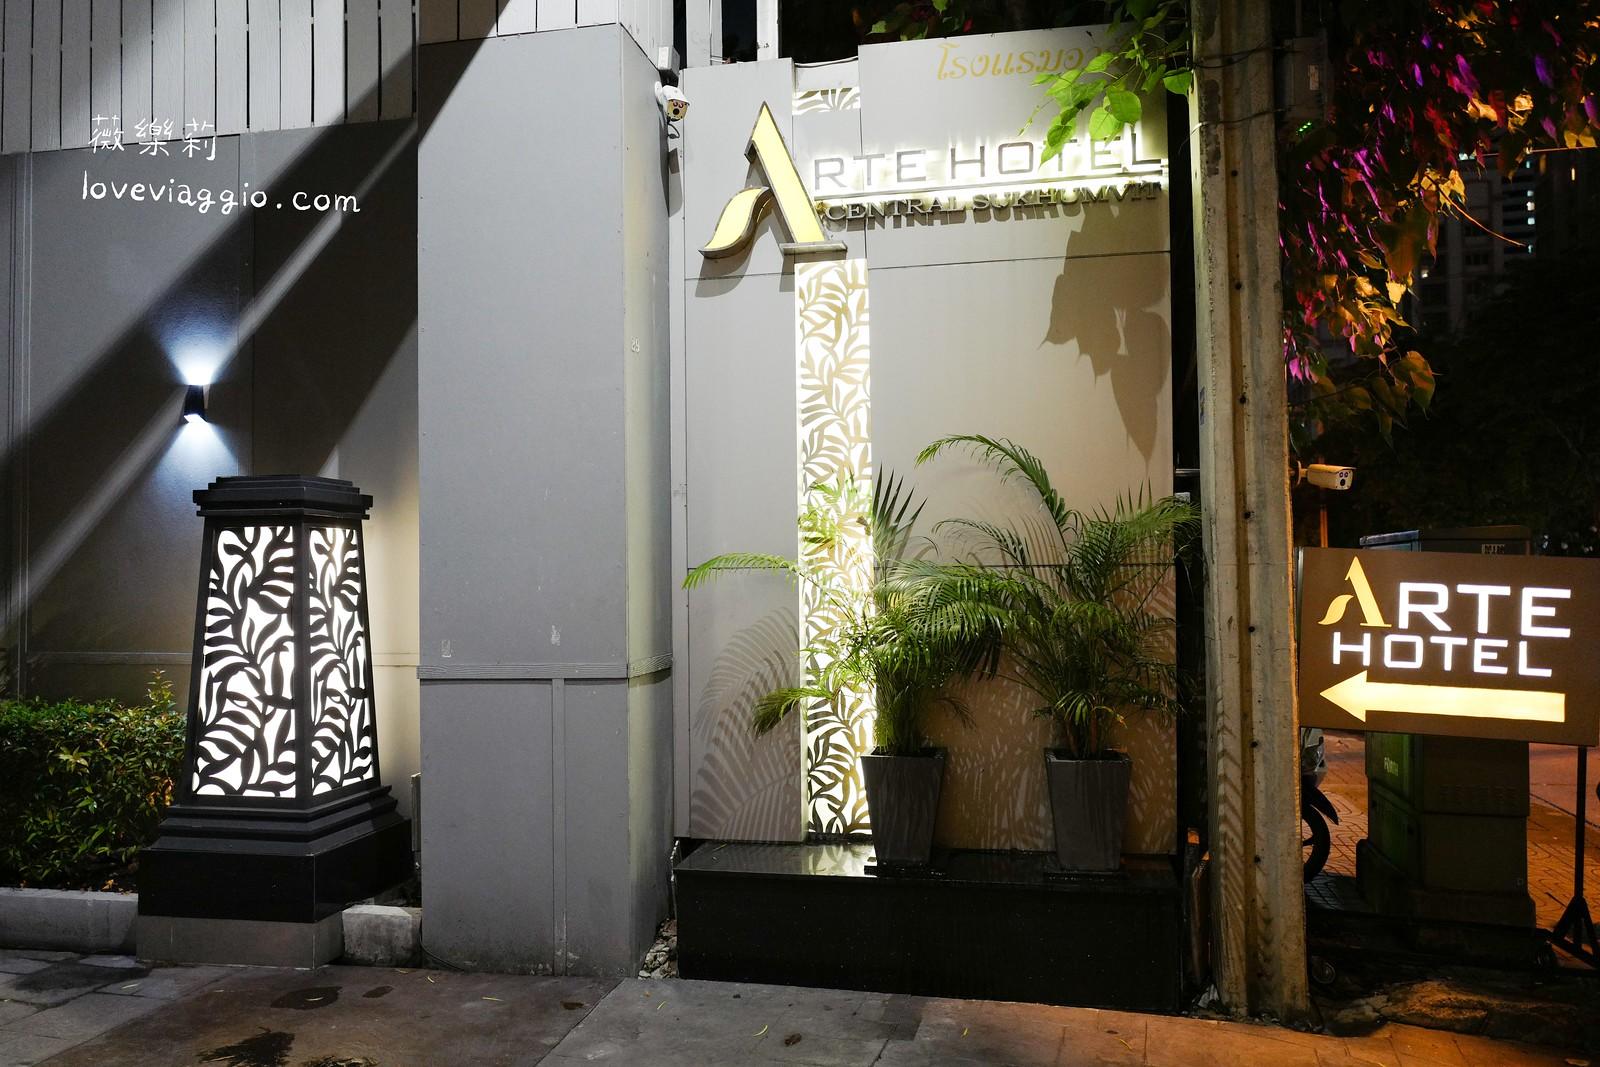 【泰國 Thailand 】曼谷藝術酒店Arte Hotel 交通方便 高空無邊際泳池欣賞曼谷摩天大樓夜景 @薇樂莉 Love Viaggio | 旅行.生活.攝影